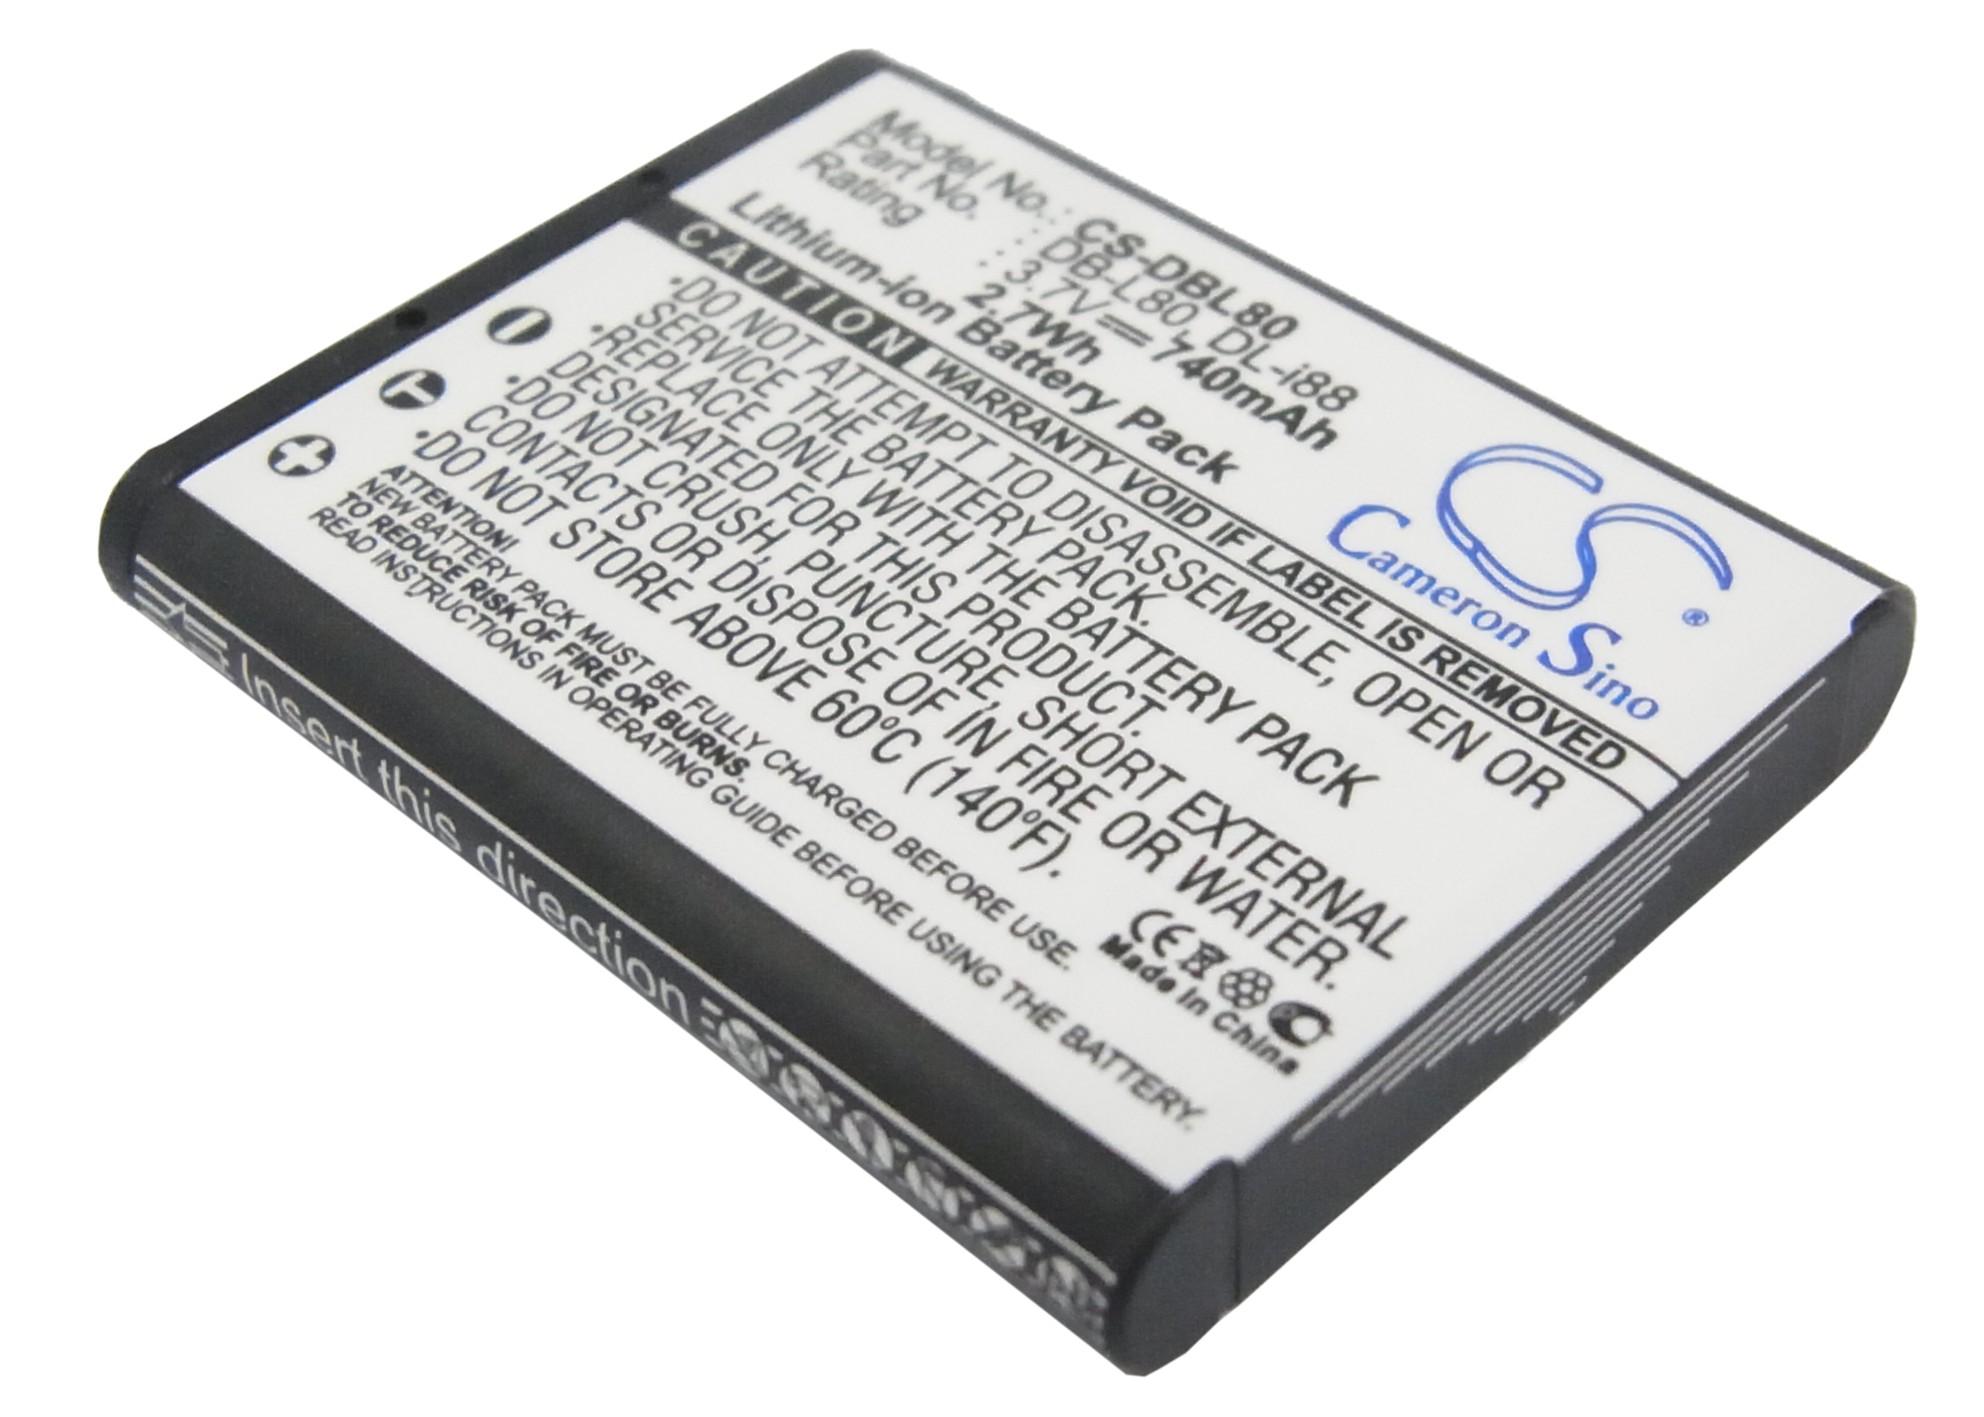 Cameron Sino baterie do kamer a fotoaparátů pro TOSHIBA Camileo SX900 3.7V Li-ion 740mAh černá - neoriginální